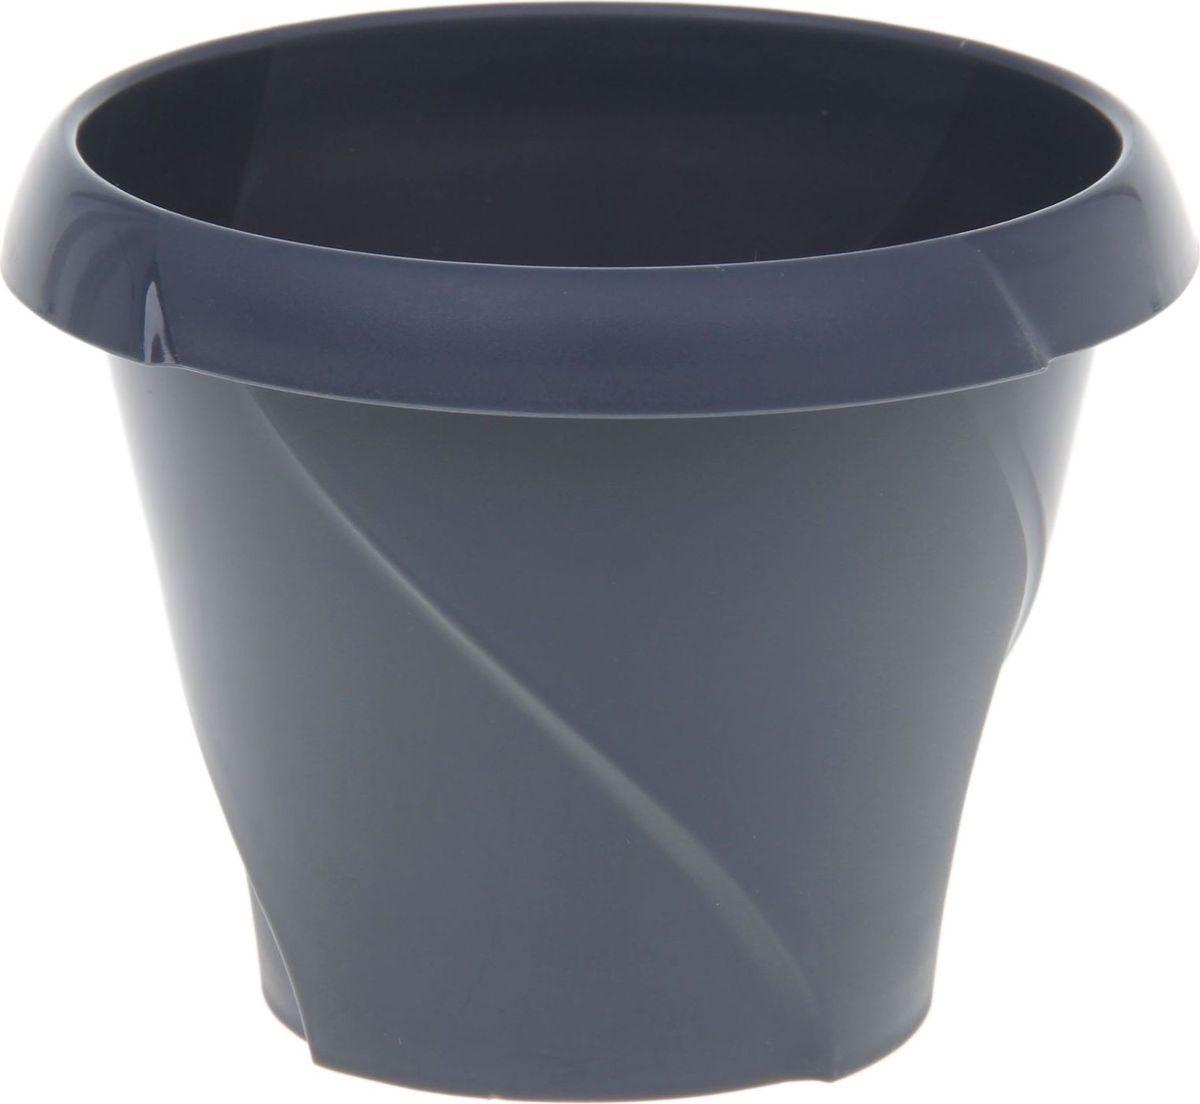 Кашпо Martika Флориана, цвет: серый, 0,7 лNLED-454-9W-WЛюбой, даже самый современный и продуманный интерьер будет не завершённым без растений. Они не только очищают воздух и насыщают его кислородом, но и заметно украшают окружающее пространство. Такому полезному члену семьи просто необходимо красивое и функциональное кашпо, оригинальный горшок или необычная ваза! Мы предлагаем - Кашпо 700 мл Флориана, d=13,5 см, цвет серый! Оптимальный выбор материала пластмасса! Почему мы так считаем? -Малый вес. С лёгкостью переносите горшки и кашпо с места на место, ставьте их на столики или полки, подвешивайте под потолок, не беспокоясь о нагрузке. -Простота ухода. Пластиковые изделия не нуждаются в специальных условиях хранения. Их легко чистить достаточно просто сполоснуть тёплой водой. -Никаких царапин. Пластиковые кашпо не царапают и не загрязняют поверхности, на которых стоят. -Пластик дольше хранит влагу, а значит растение реже нуждается в поливе. -Пластмасса не пропускает воздух корневой системе растения не грозят резкие перепады температур. -Огромный выбор форм, декора и расцветок вы без труда подберёте что-то, что идеально впишется в уже существующий интерьер. Соблюдая нехитрые правила ухода, вы можете заметно продлить срок службы горшков, вазонов и кашпо из пластика: -всегда учитывайте размер кроны и корневой системы растения (при разрастании большое растение способно повредить маленький горшок)-берегите изделие от воздействия прямых солнечных лучей, чтобы кашпо и горшки не выцветали-держите кашпо и горшки из пластика подальше от нагревающихся поверхностей. Создавайте прекрасные цветочные композиции, выращивайте рассаду или необычные растения, а низкие цены позволят вам не ограничивать себя в выборе.